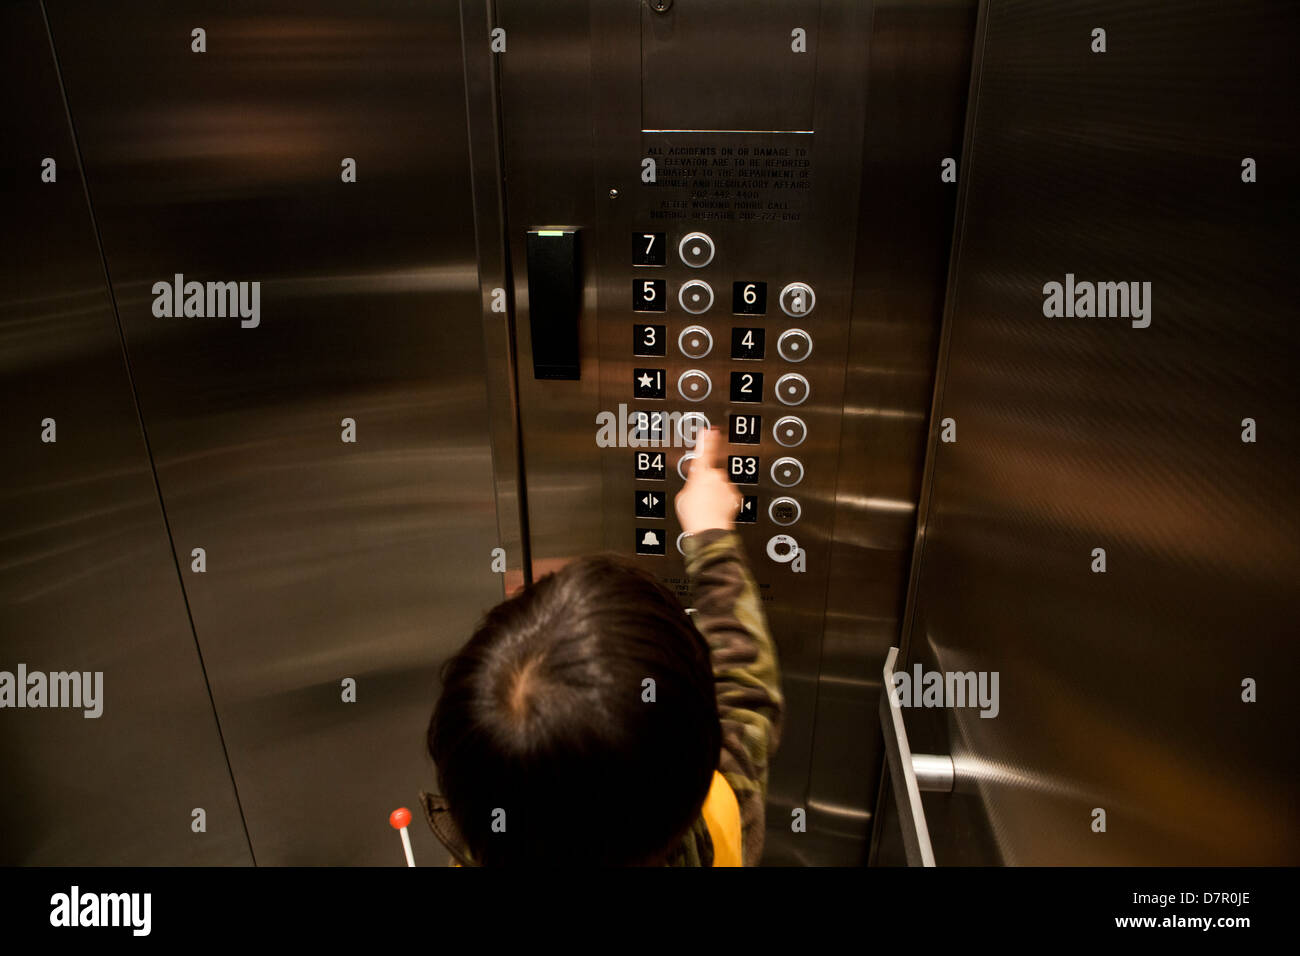 Bouton enfant poussant ascenseur étage - USA Photo Stock